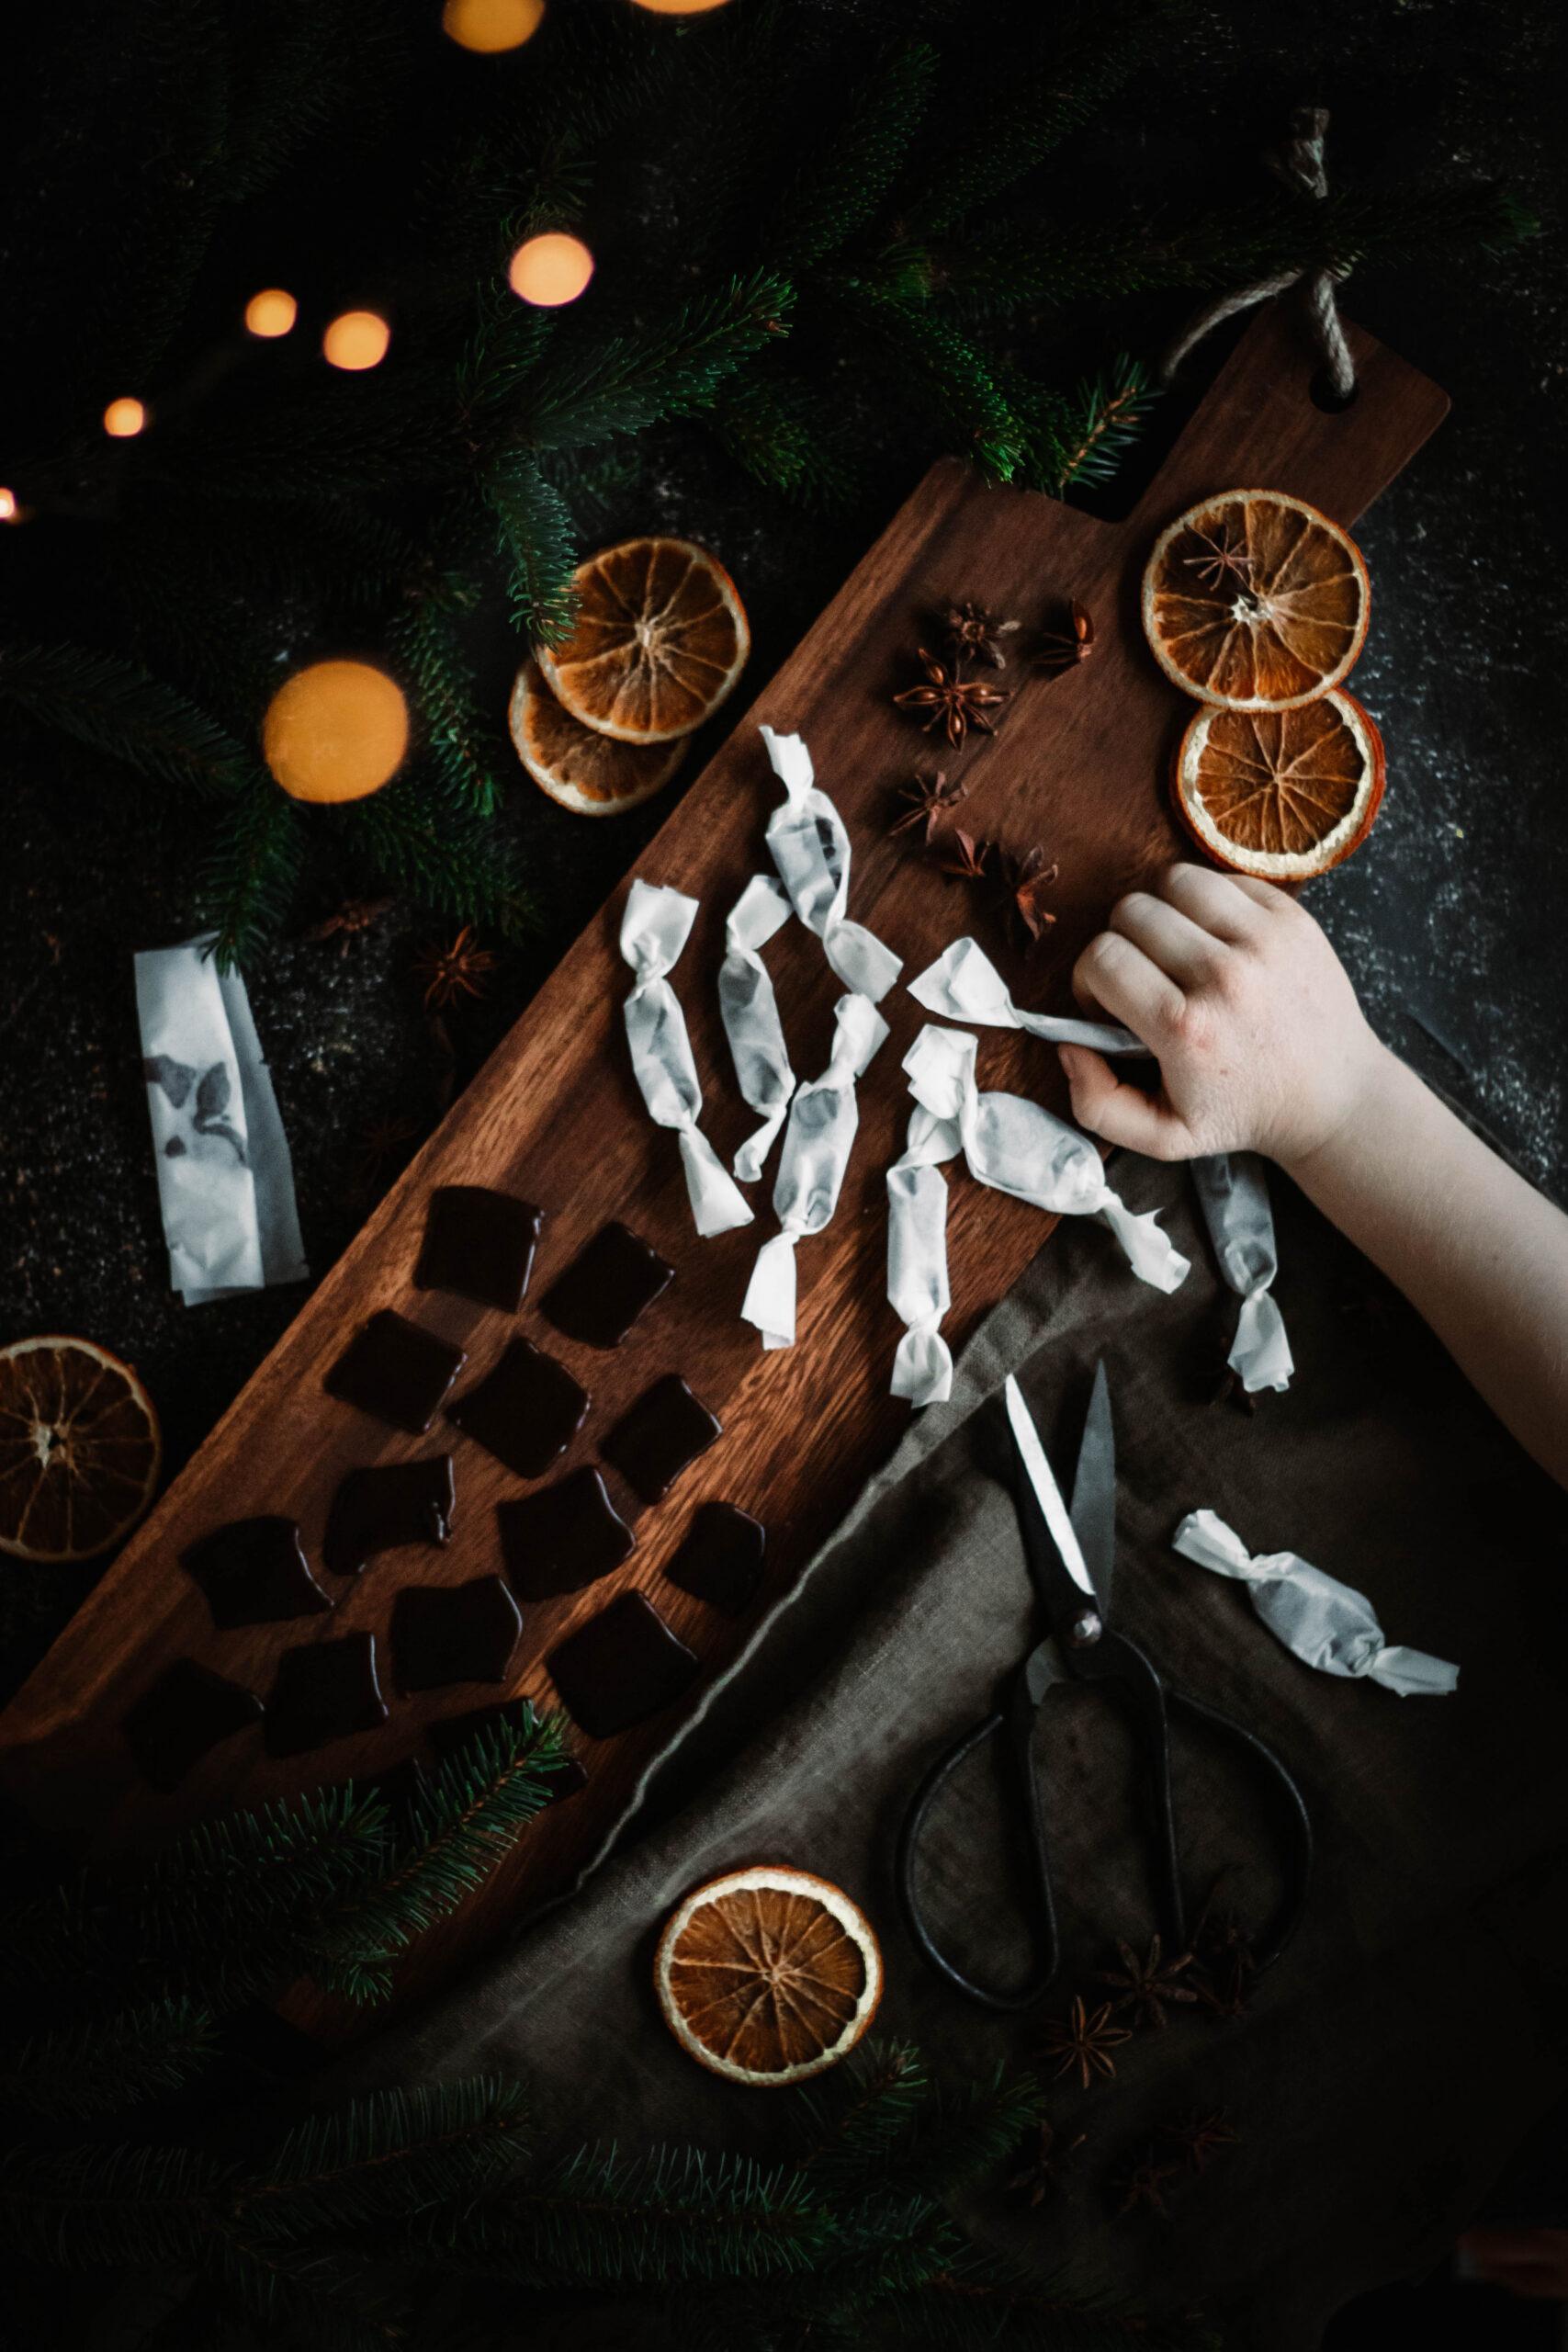 Växtbaserad julkola fri från vitt socker